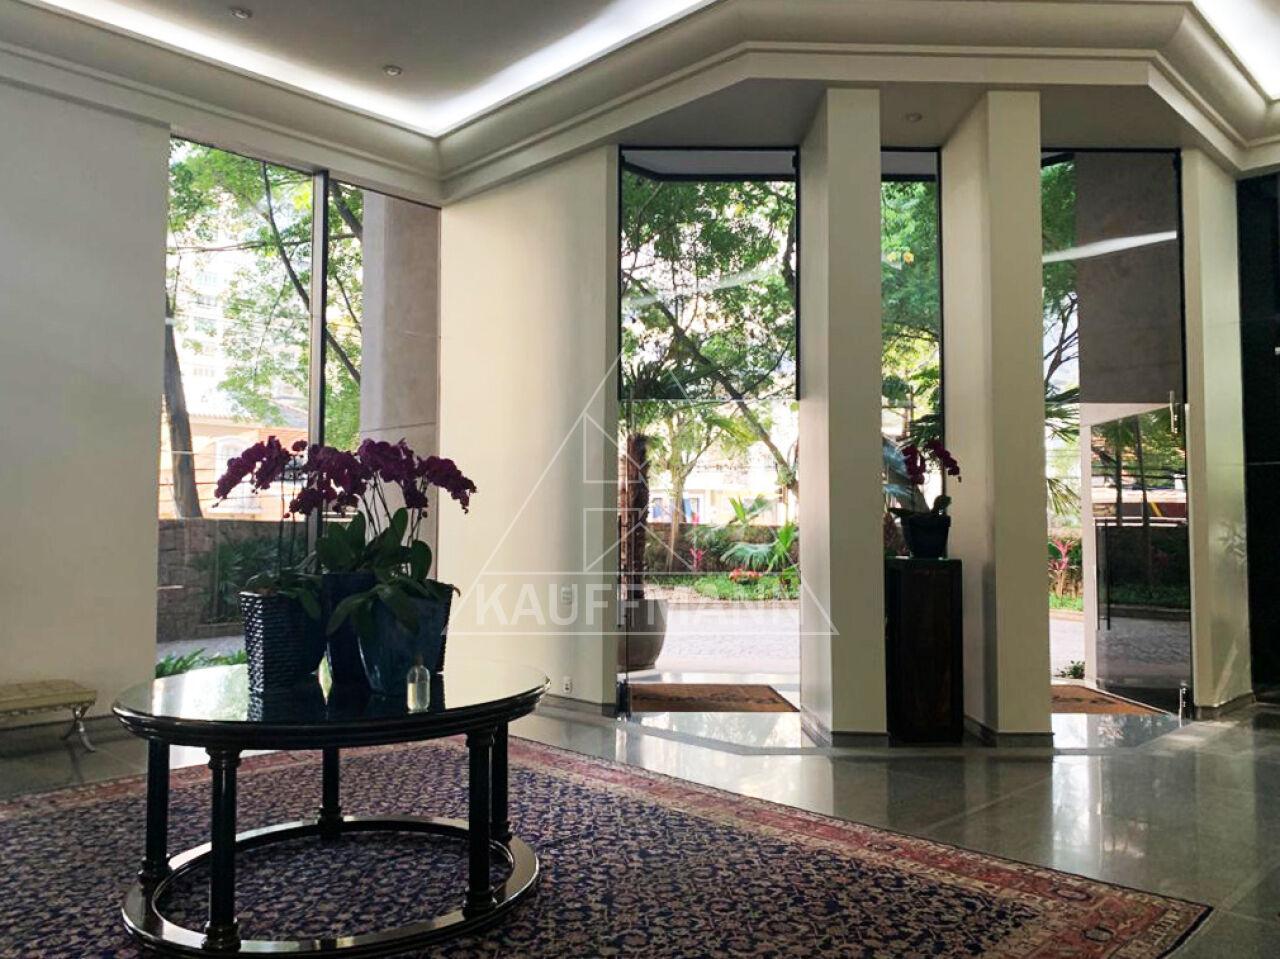 apartamento-venda-sao-paulo-jardim-paulista-regency-5dormitorios-4suites-5vagas-600m2-Foto44